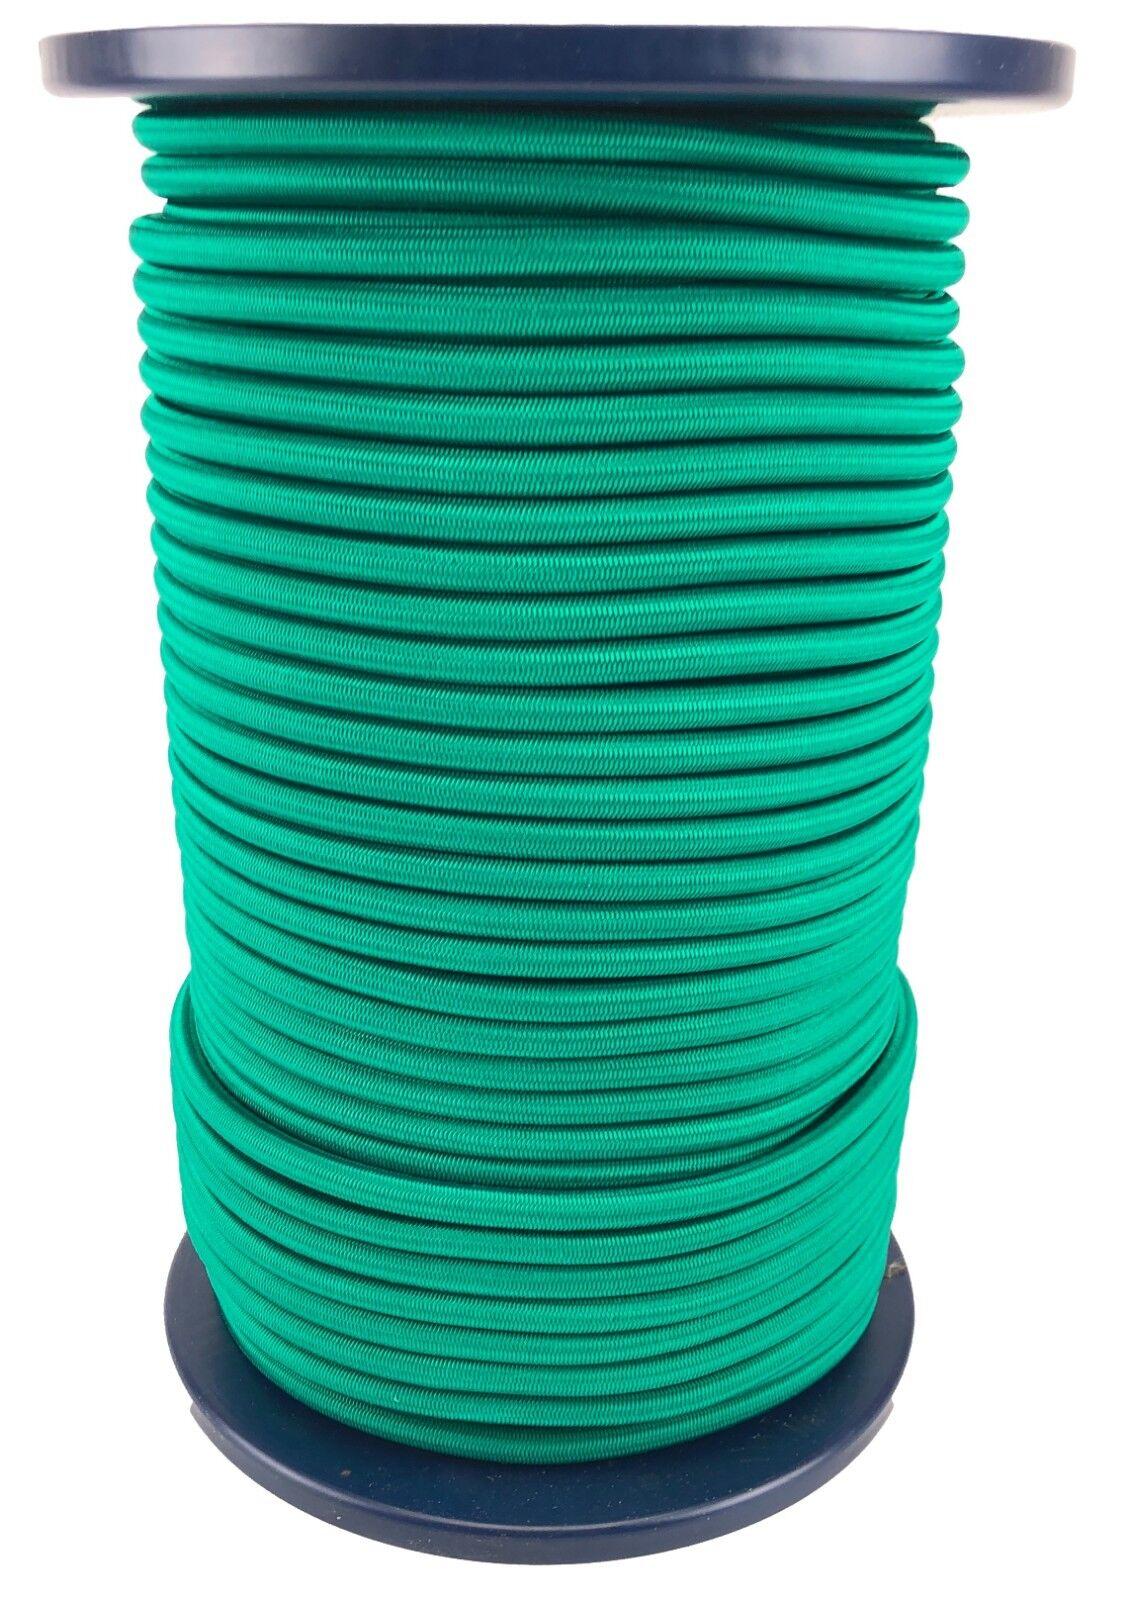 12mm Elastisch Gummiseil  Gummizug Seil Unten Grün Stabil Heavy Duty